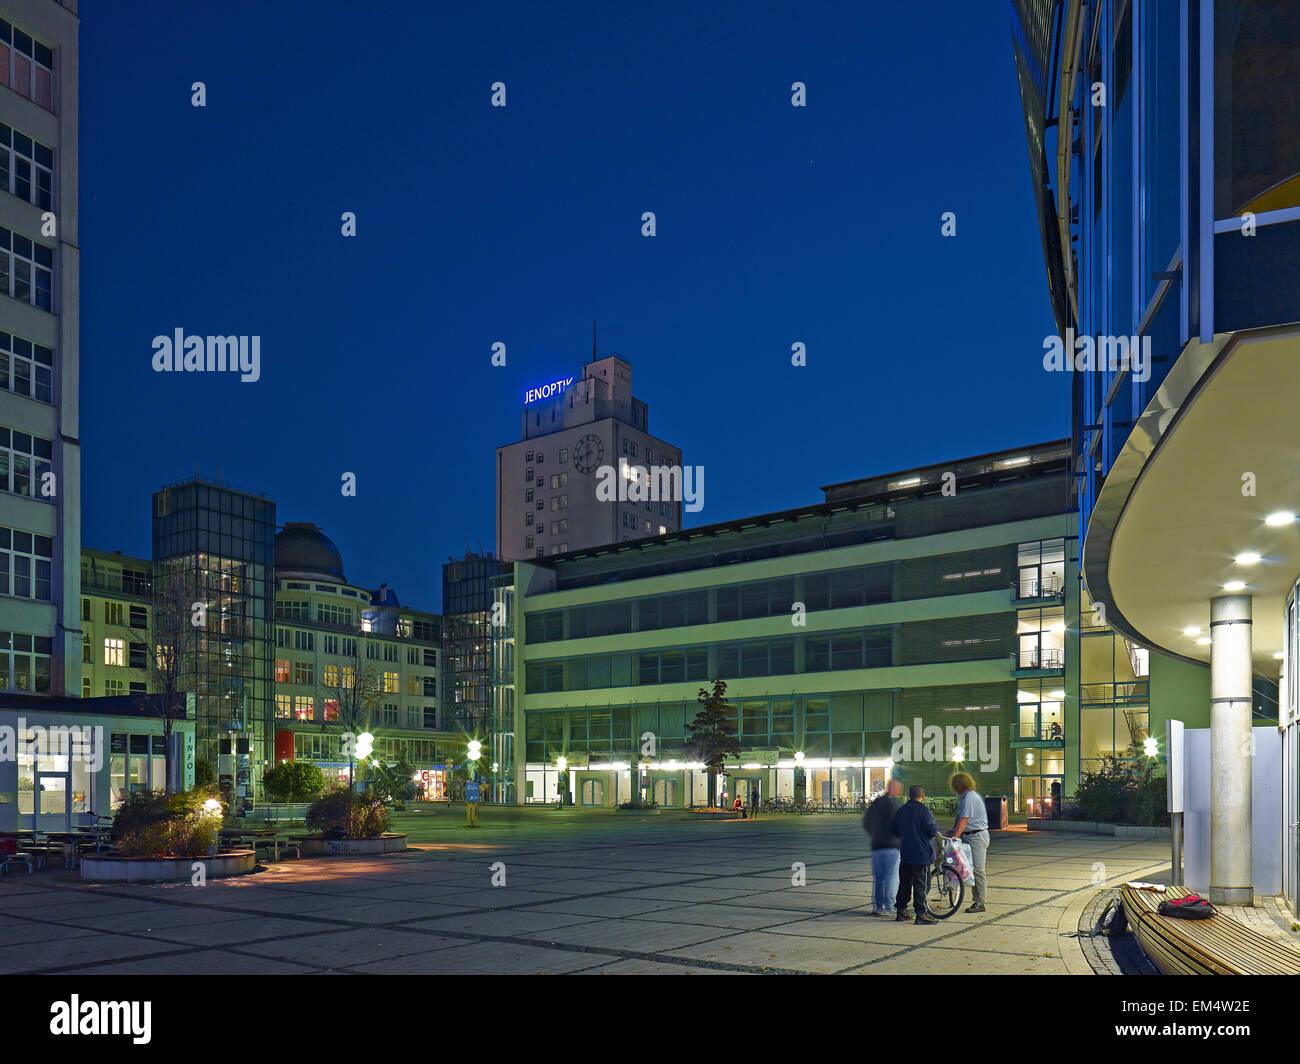 Ernst-Abbe-Platz with Jenoptik building in Jena, Germany - Stock Image